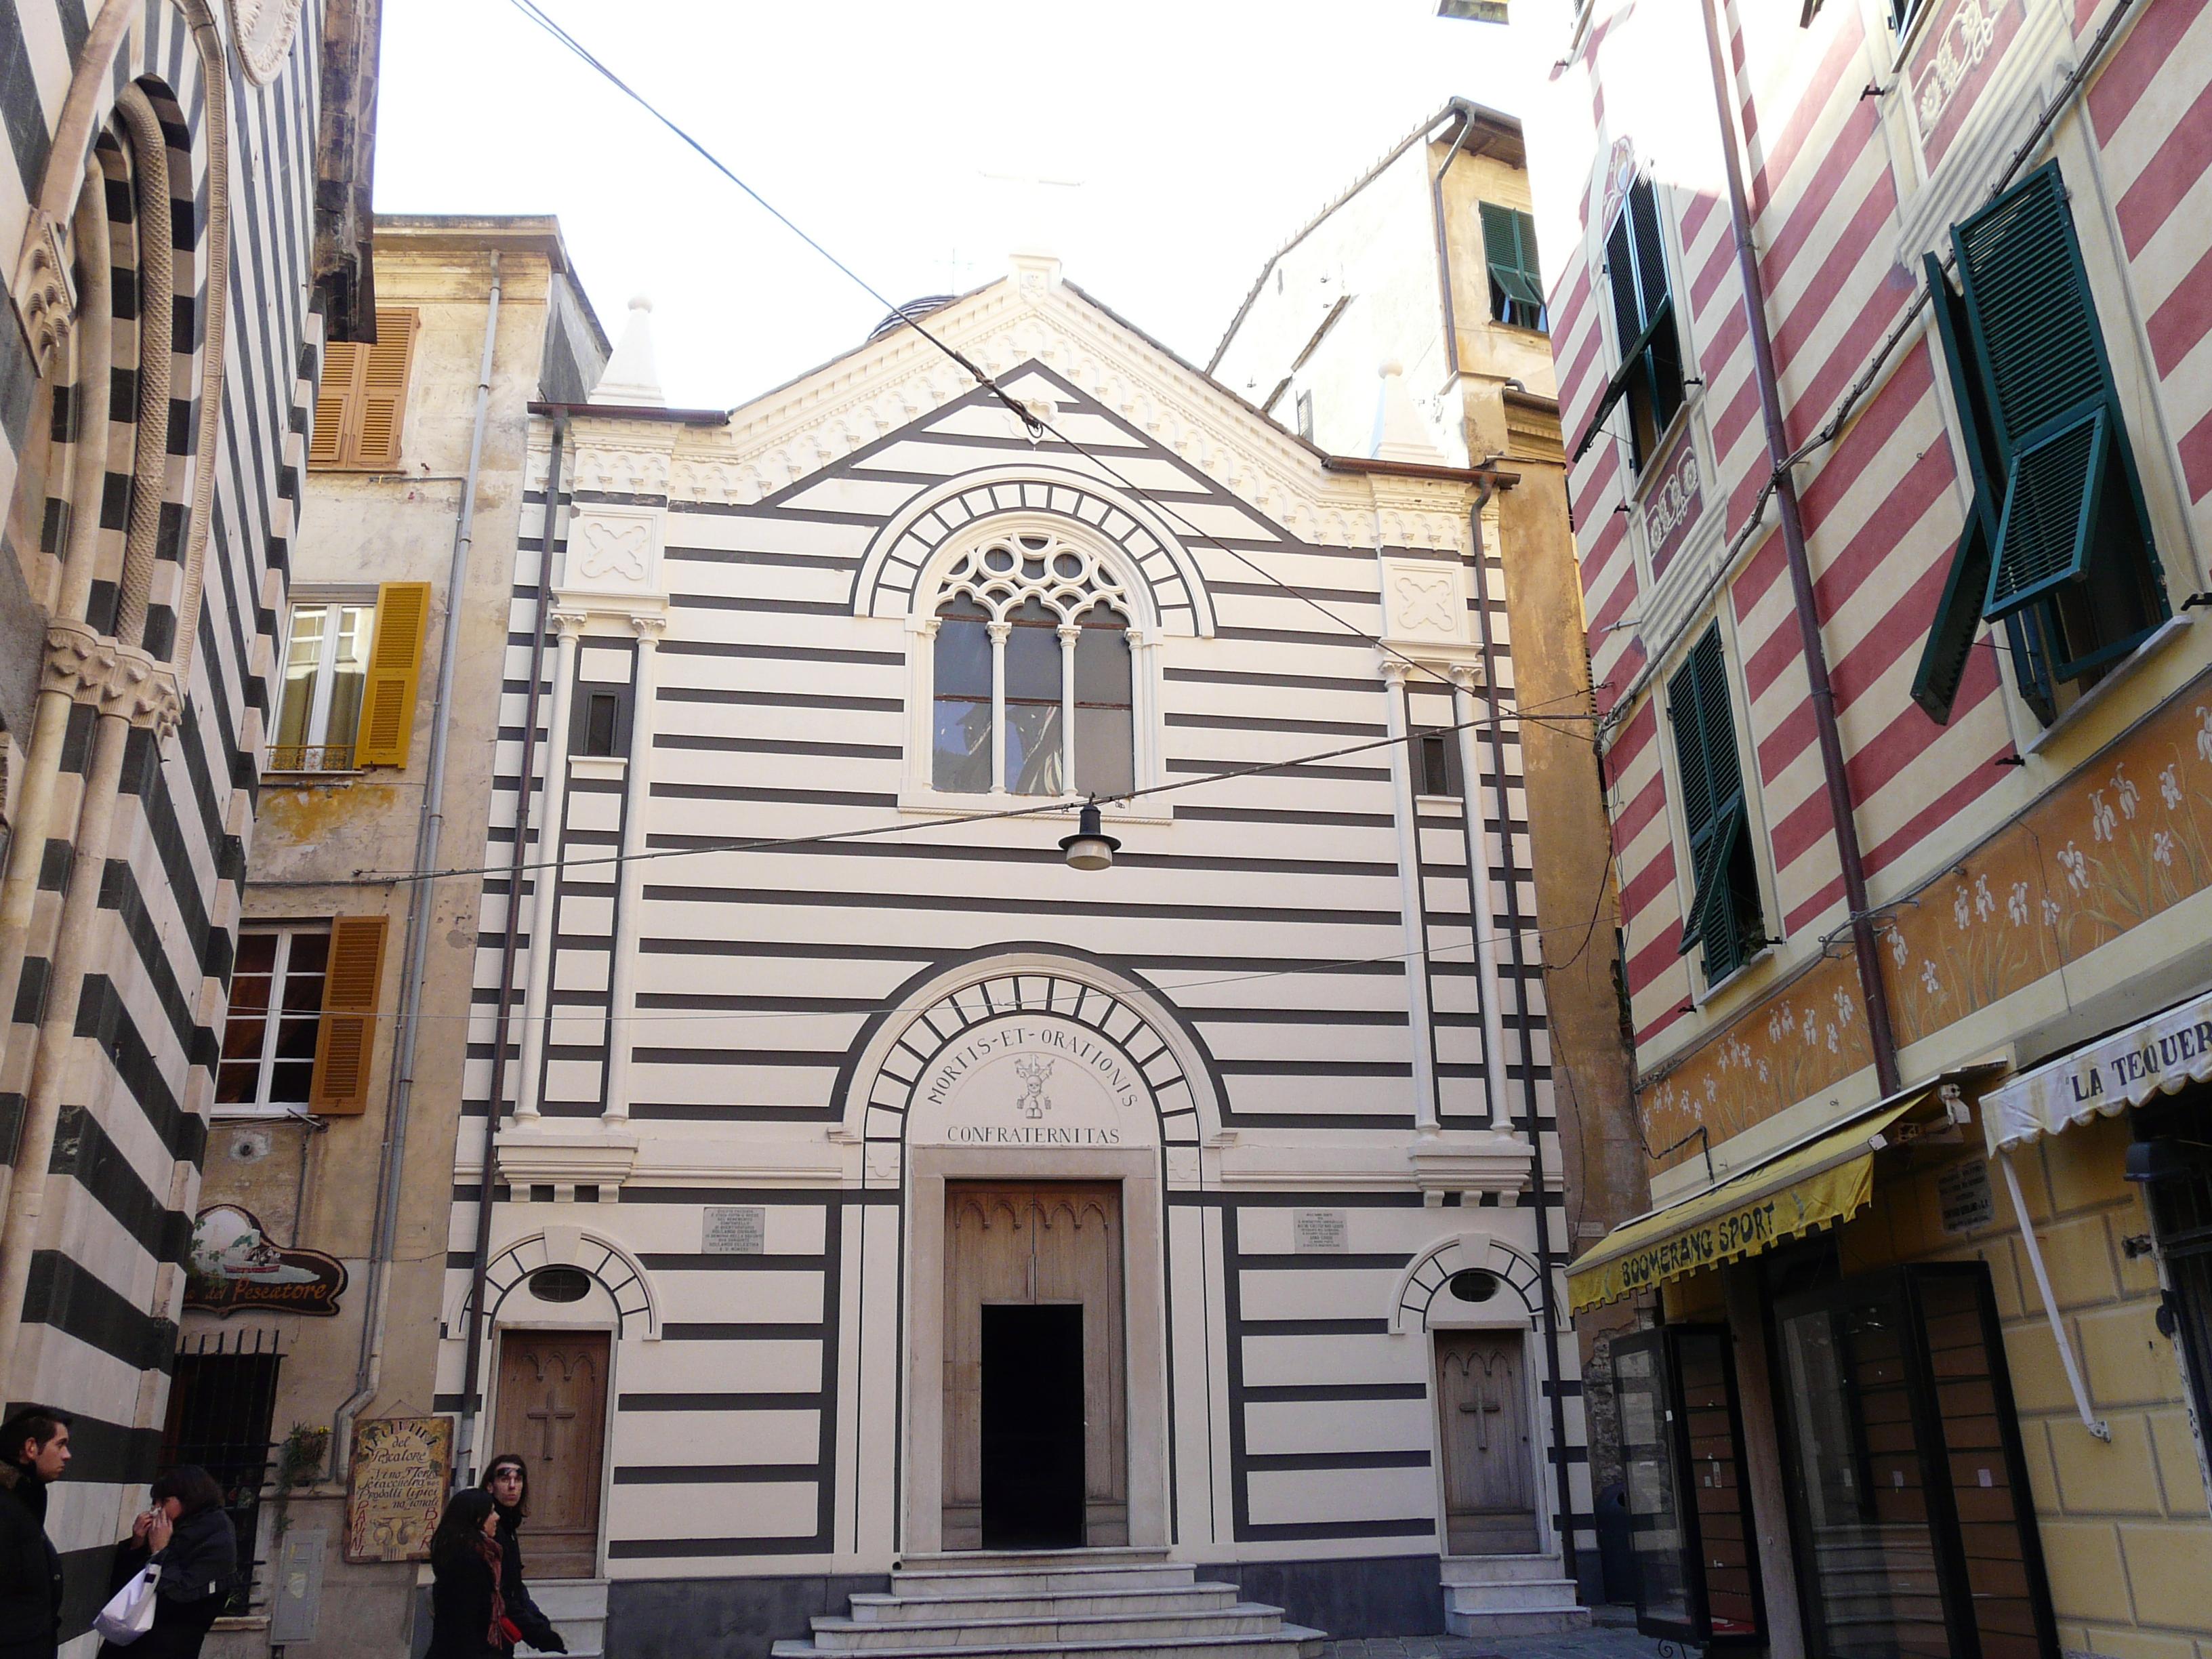 file monterosso al mare-oratorio dei neri-facciata1 jpg